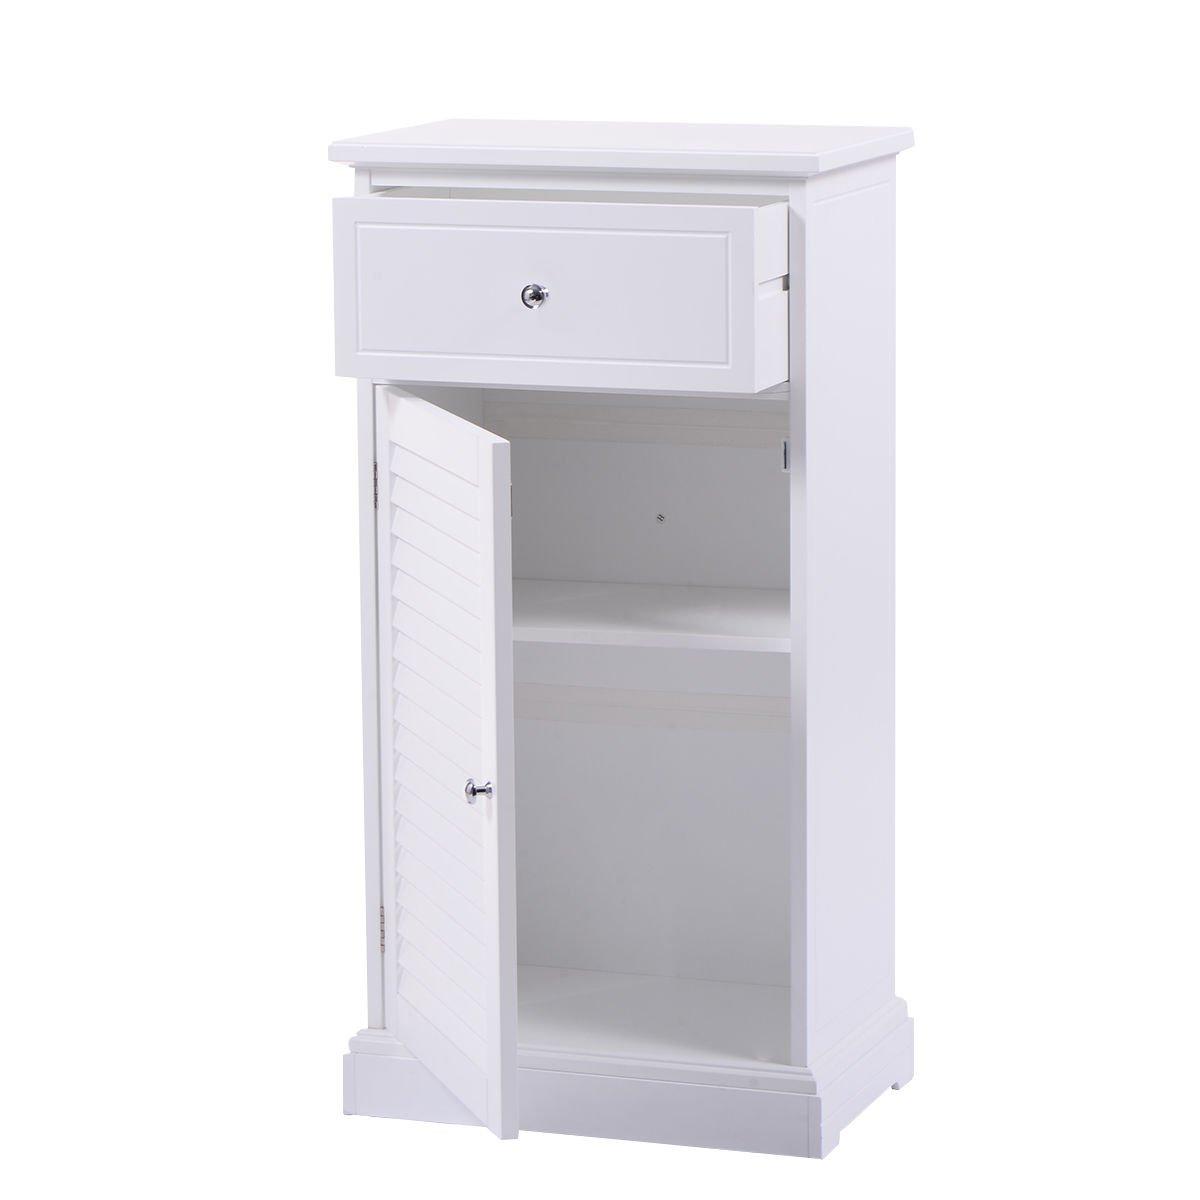 BUY JOY Storage Floor Cabinet Wall Shutter Door Bathroom Organizer Cupboard Shelf